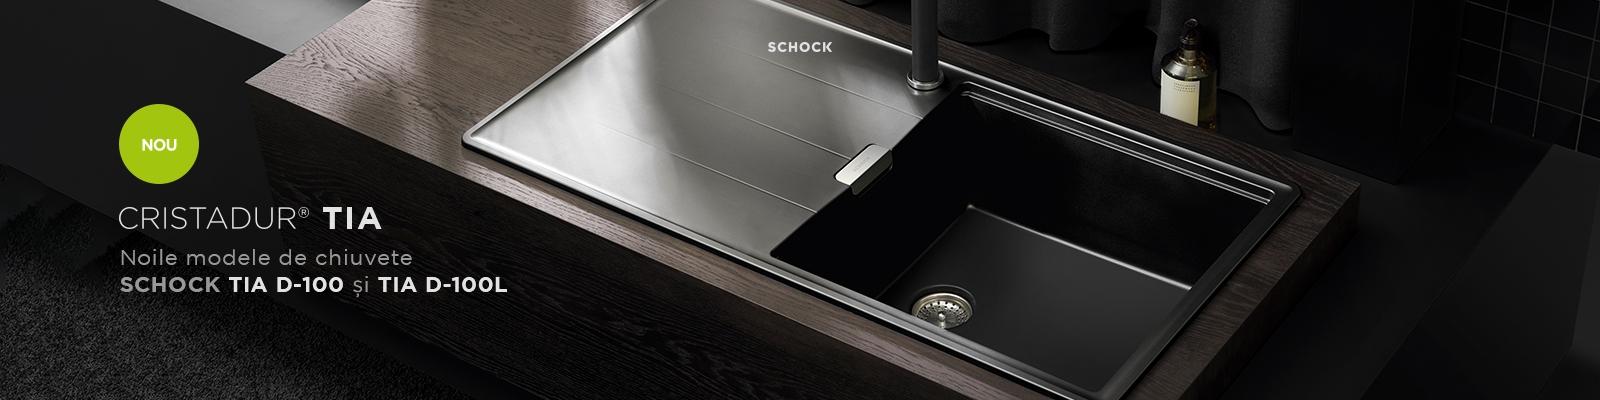 Chiuveta Granit Schock Tia D-100 si D-100L Cristadur